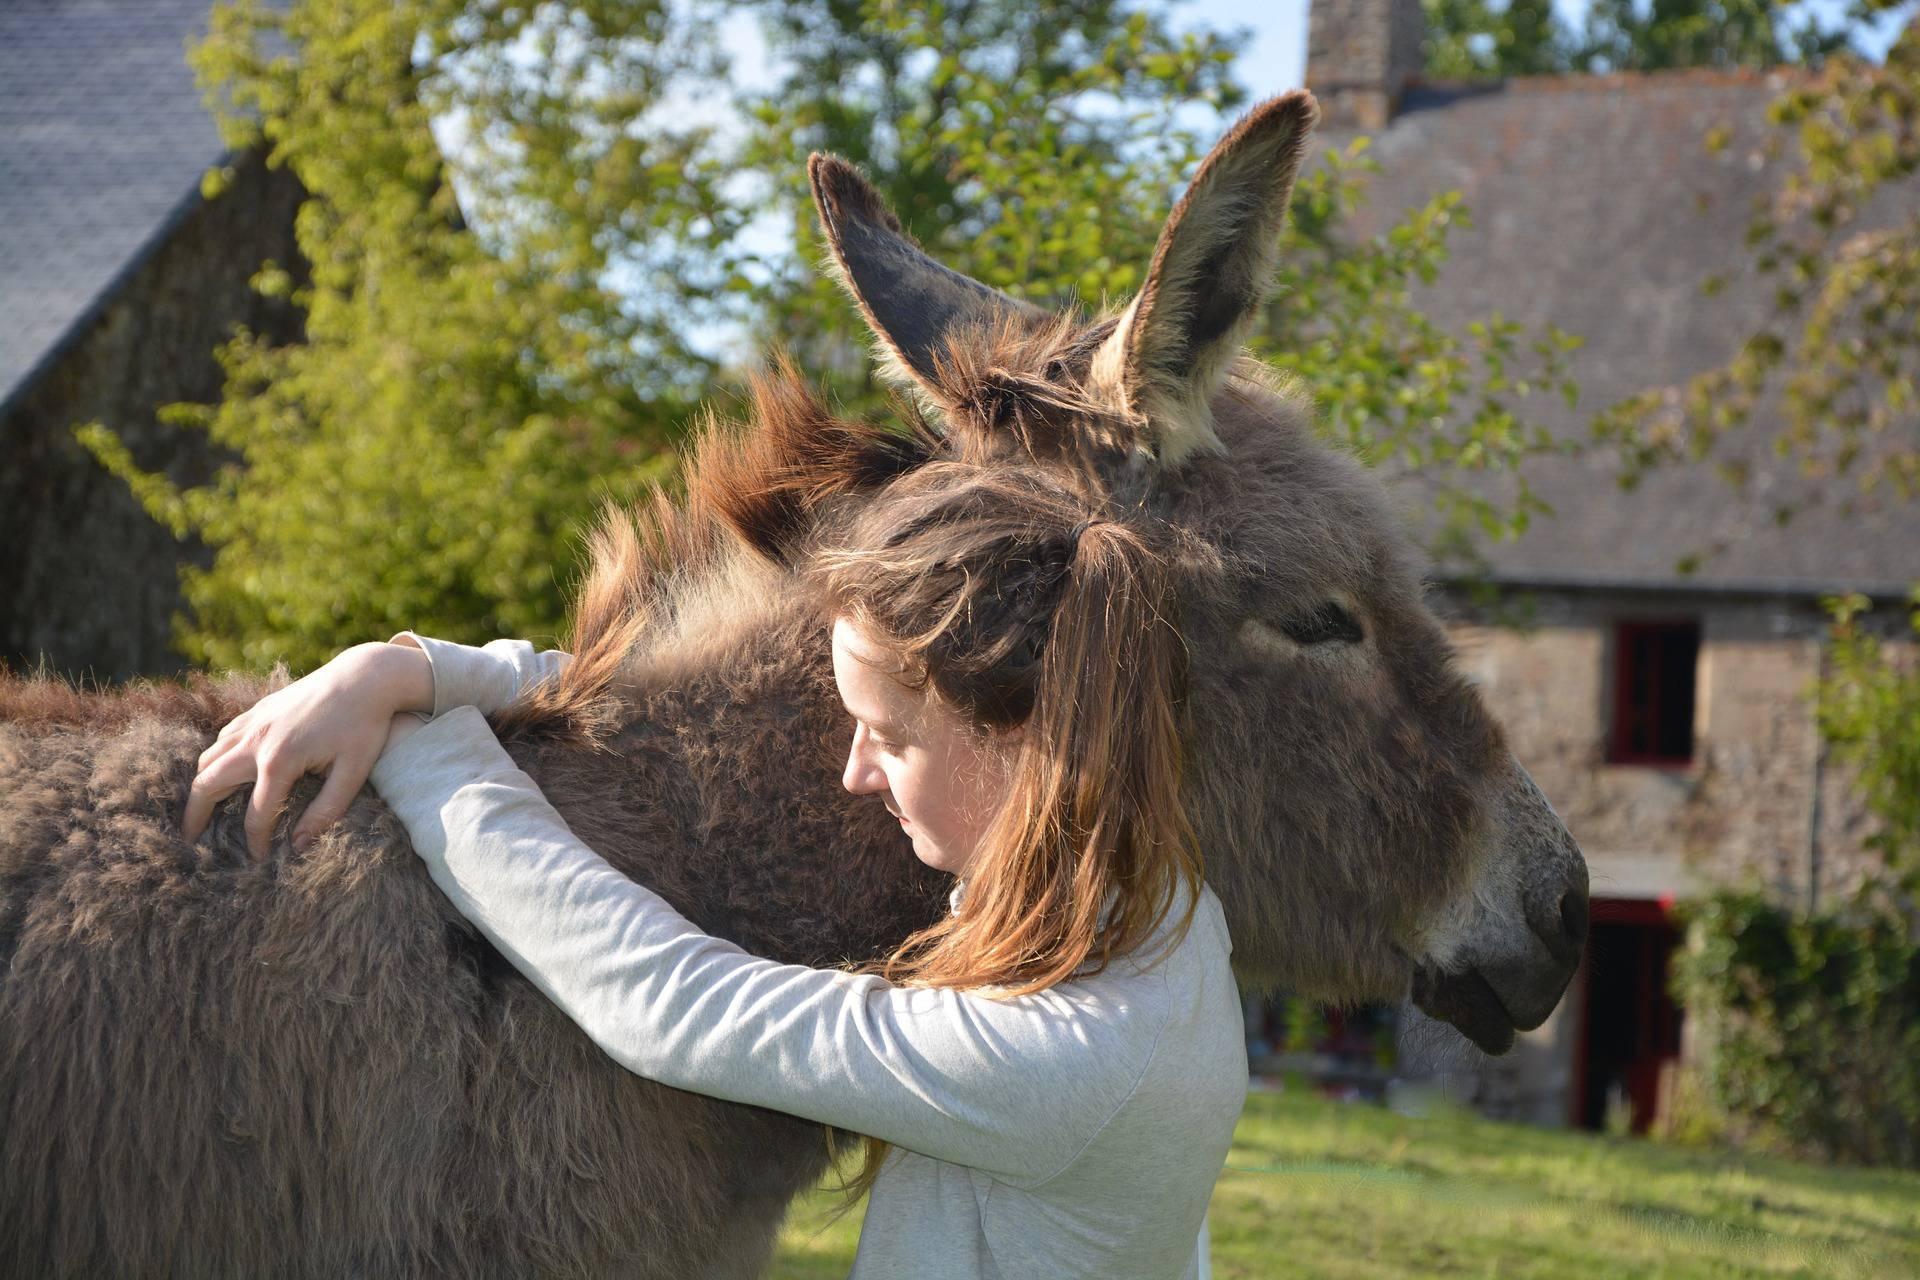 câlin avec un âne